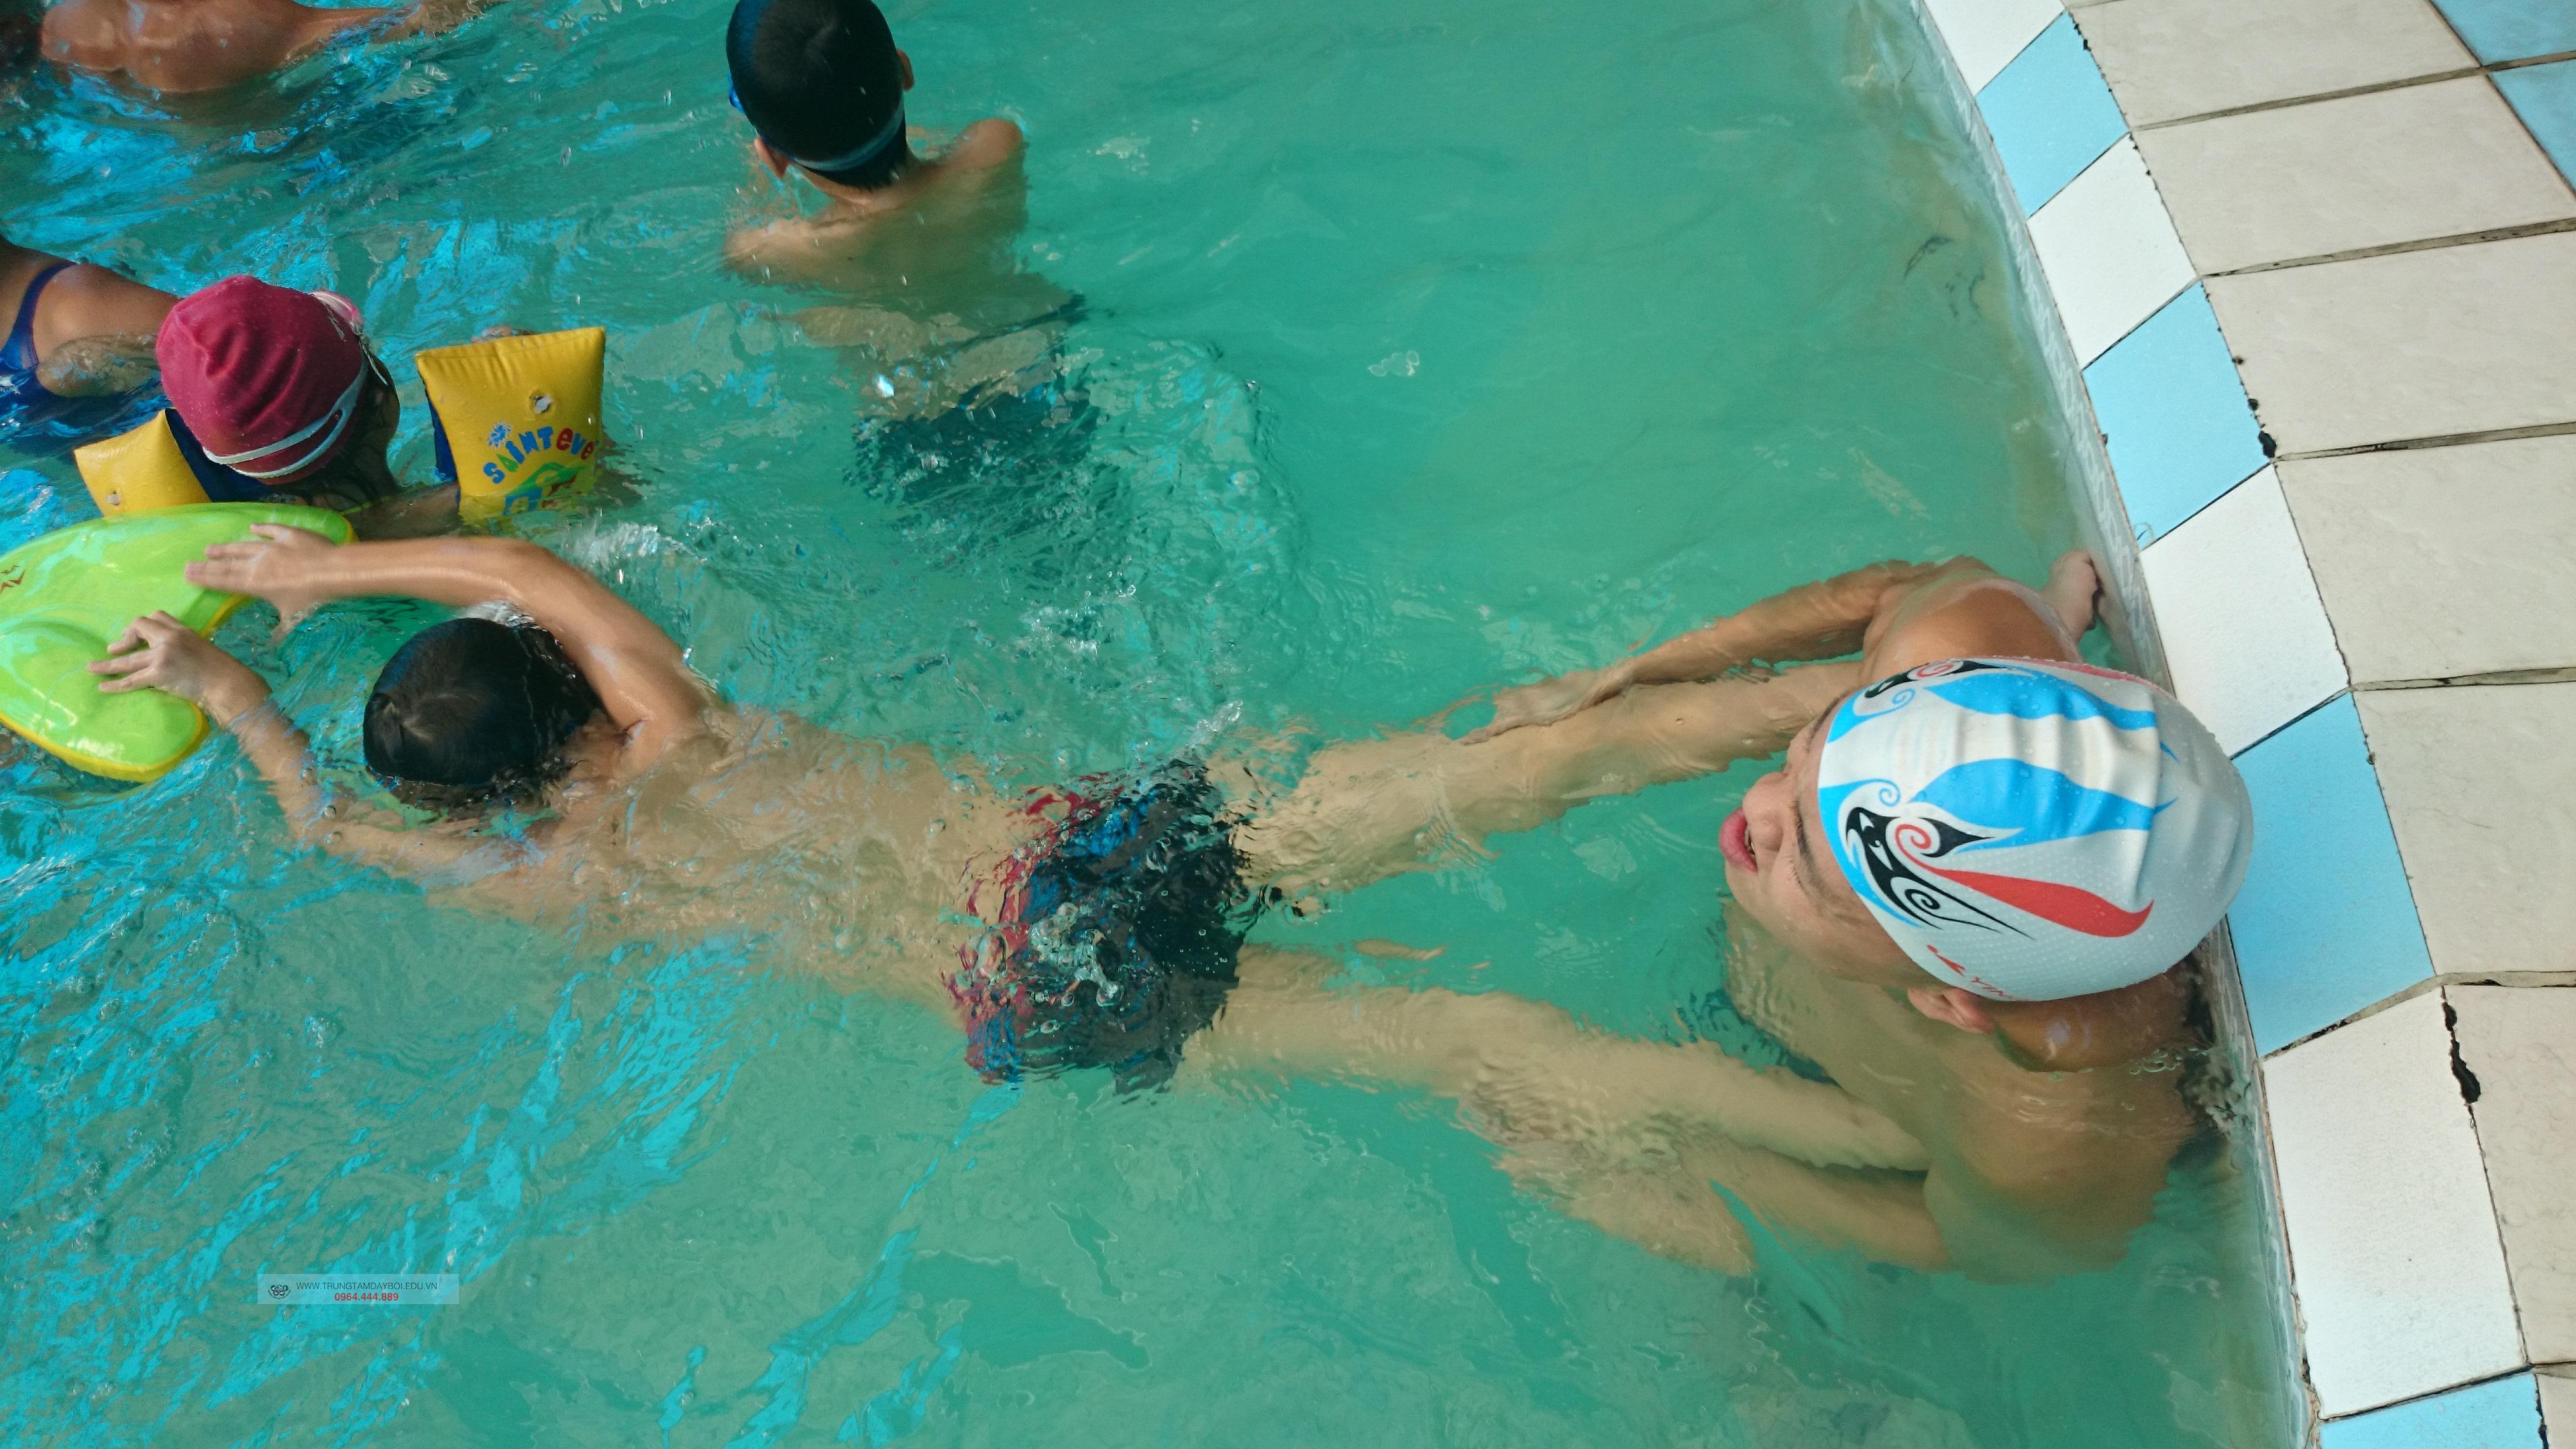 Hình ảnh lớp học bơi nâng cao 1  Hình ảnh lớp học bơi nâng cao 1  Hình ảnh lớp học bơi nâng cao 1  Hình ảnh lớp học bơi nâng cao 1  Hình ảnh lớp học bơi nâng cao 1  Hình ảnh lớp học bơi nâng cao 1  Hình ảnh lớp học bơi nâng cao 1  Hình ảnh lớp học bơi nâng cao 1  Hình ảnh lớp học bơi nâng cao 1  Hình ảnh lớp học bơi nâng cao 1  Hình ảnh lớp học bơi nâng cao 1  Hình ảnh lớp học bơi nâng cao 1  Hình ảnh lớp học bơi nâng cao 1  Hình ảnh lớp học bơi nâng cao 1  Hình ảnh lớp học bơi nâng cao 1  Hình ảnh lớp học bơi nâng cao 1  Hình ảnh lớp học bơi nâng cao 1  Hình ảnh lớp học bơi nâng cao 1  Hình ảnh lớp học bơi nâng cao 1  Hình ảnh lớp học bơi nâng cao 1  Hình ảnh lớp học bơi nâng cao 1  Hình ảnh lớp học bơi nâng cao 1  Hình ảnh lớp học bơi nâng cao 1  Hình ảnh lớp học bơi nâng cao 1  Hình ảnh lớp học bơi nâng cao 1  Hình ảnh lớp học bơi nâng cao 1  Hình ảnh lớp học bơi nâng cao 1  Hình ảnh lớp học bơi nâng cao 1  Hình ảnh lớp học bơi nâng cao 1  Hình ảnh lớp học bơi nâng cao 1  Hình ảnh lớp học bơi nâng cao 1  Hình ảnh lớp học bơi nâng cao 1  Hình ảnh lớp học bơi nâng cao 1  Hình ảnh lớp học bơi nâng cao 1